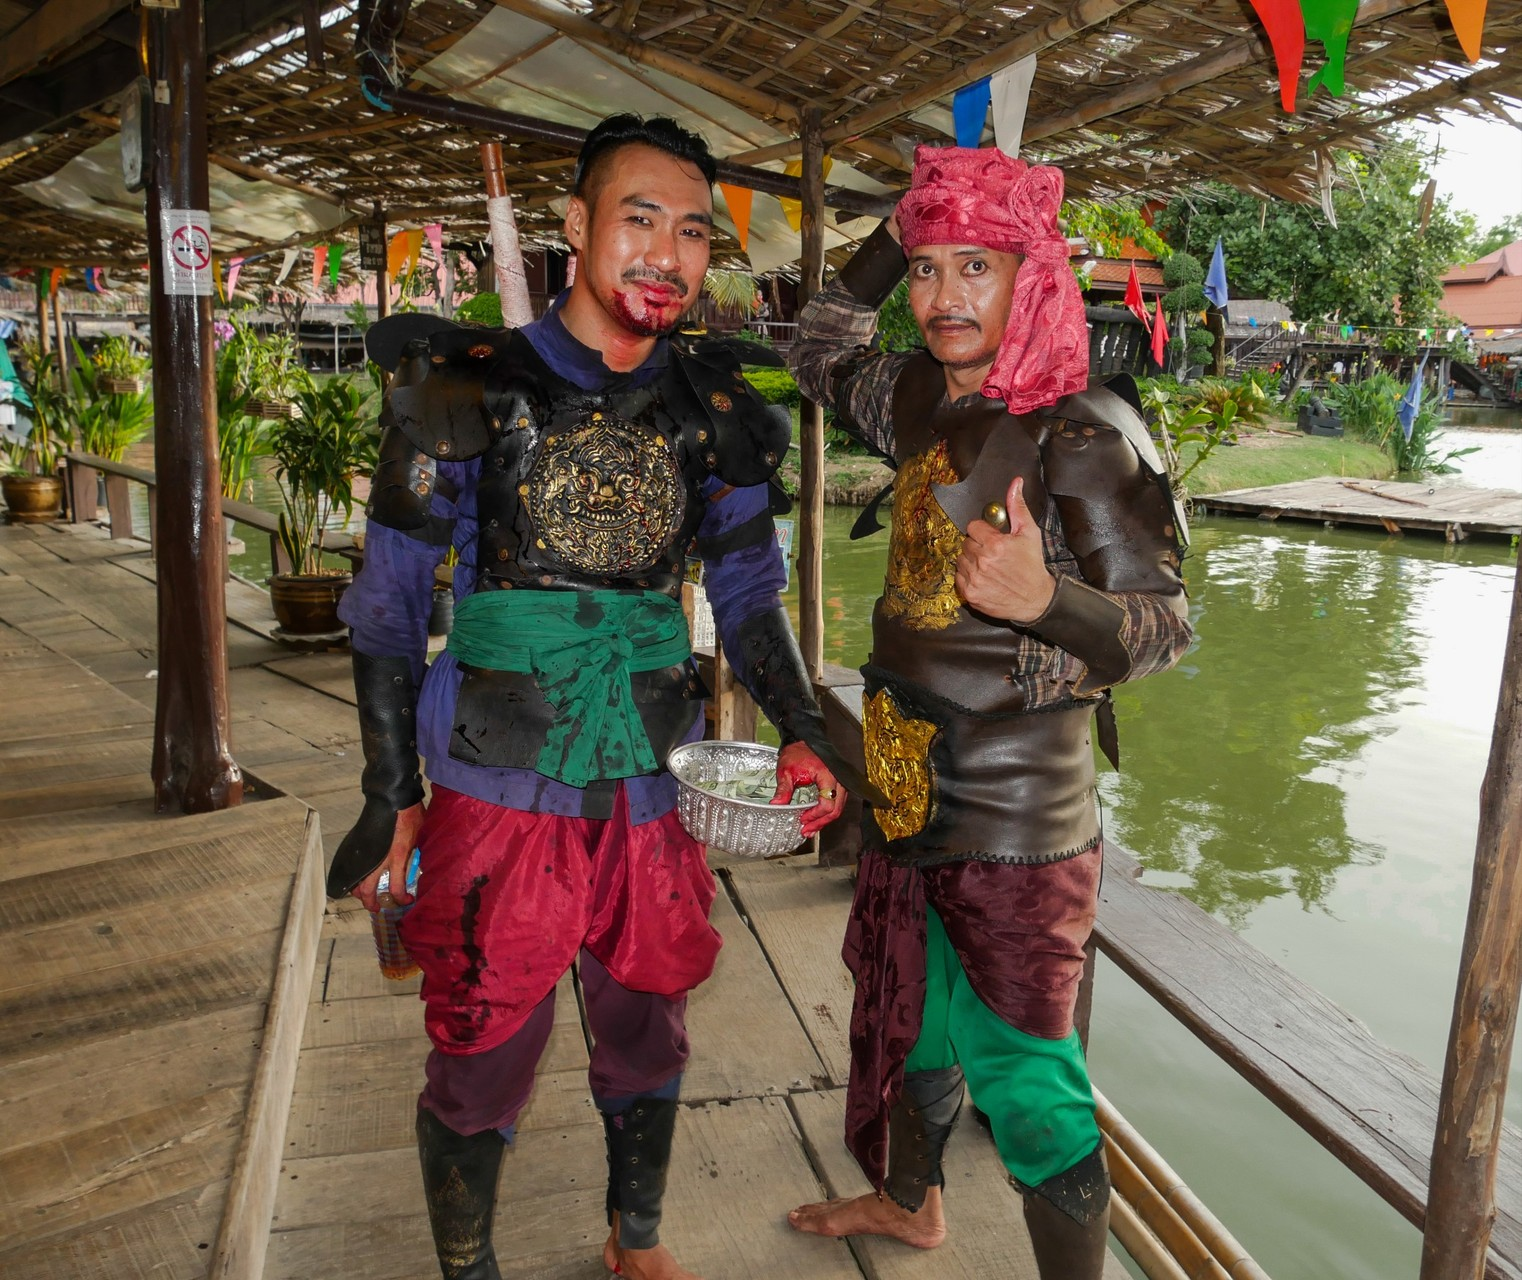 Krieg zwischen Thailand und Burma - keine Angst - nur Spaß und Paintball